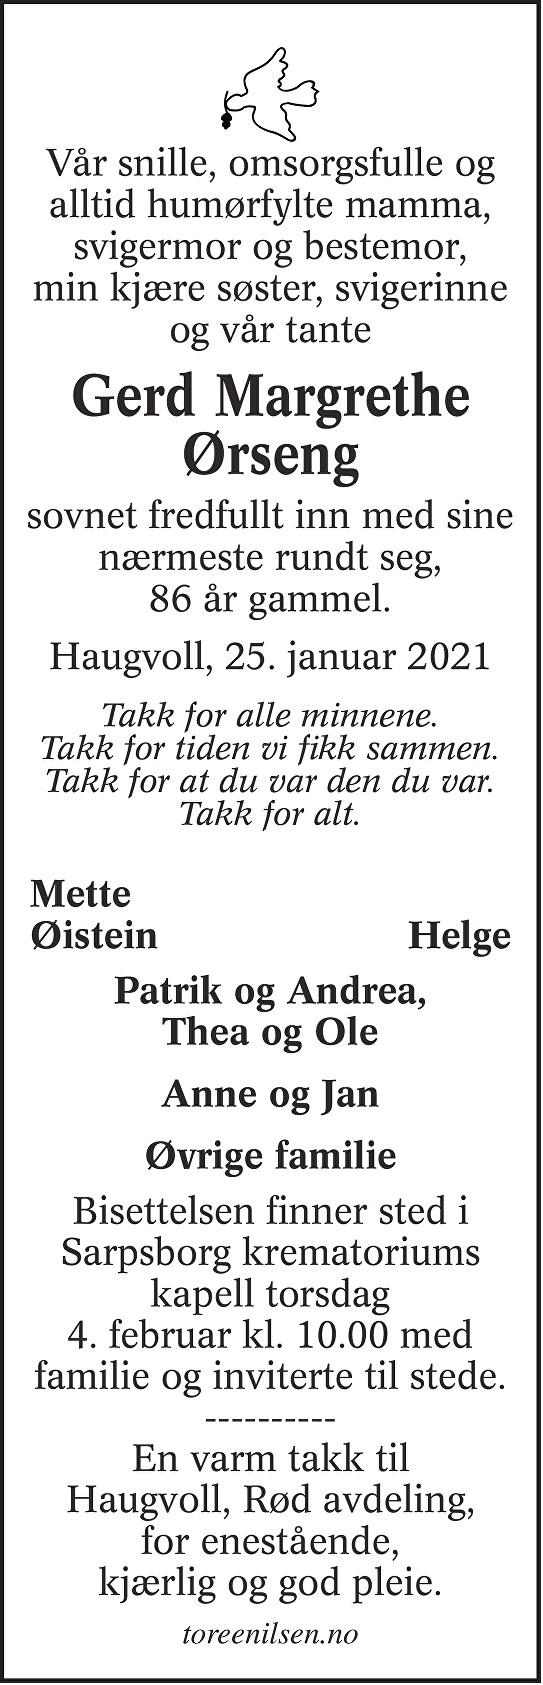 Gerd Margrethe Ørseng Dødsannonse